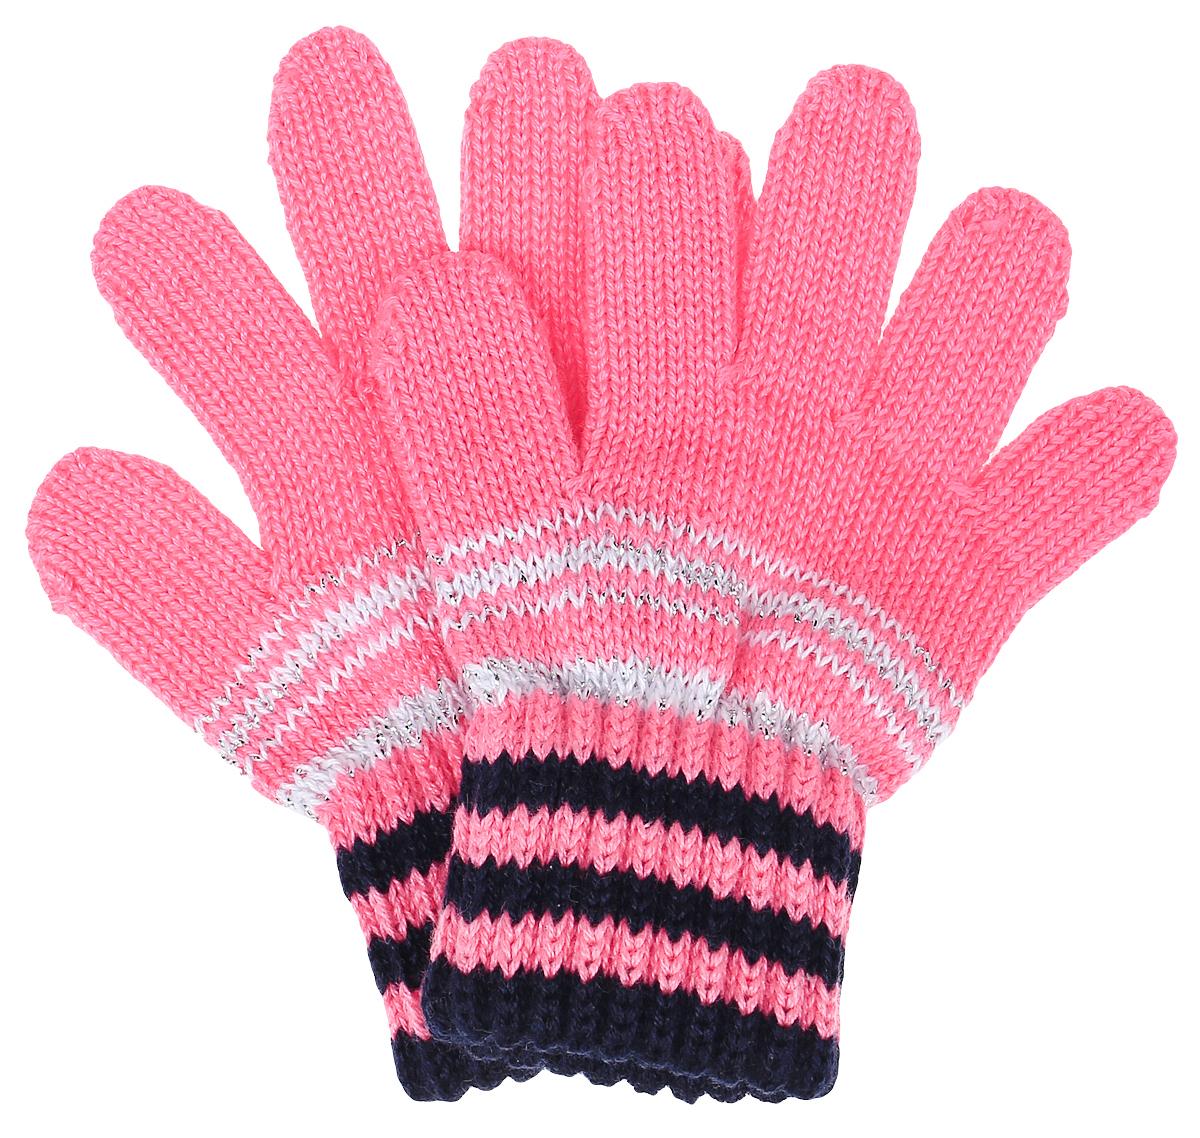 Перчатки детскиеTOLA-22Перчатки для девочки Margot Bis выполнены из акрила и хлопка. Изделие оформлено ярким вязаным рисунком с люрексом. Перчатки очень мягкие и приятные на ощупь, не раздражают кожу и хорошо сохраняют тепло. Верх модели на мягкой резинке, которая не стягивает запястья и надежно фиксирует перчатки на руках.